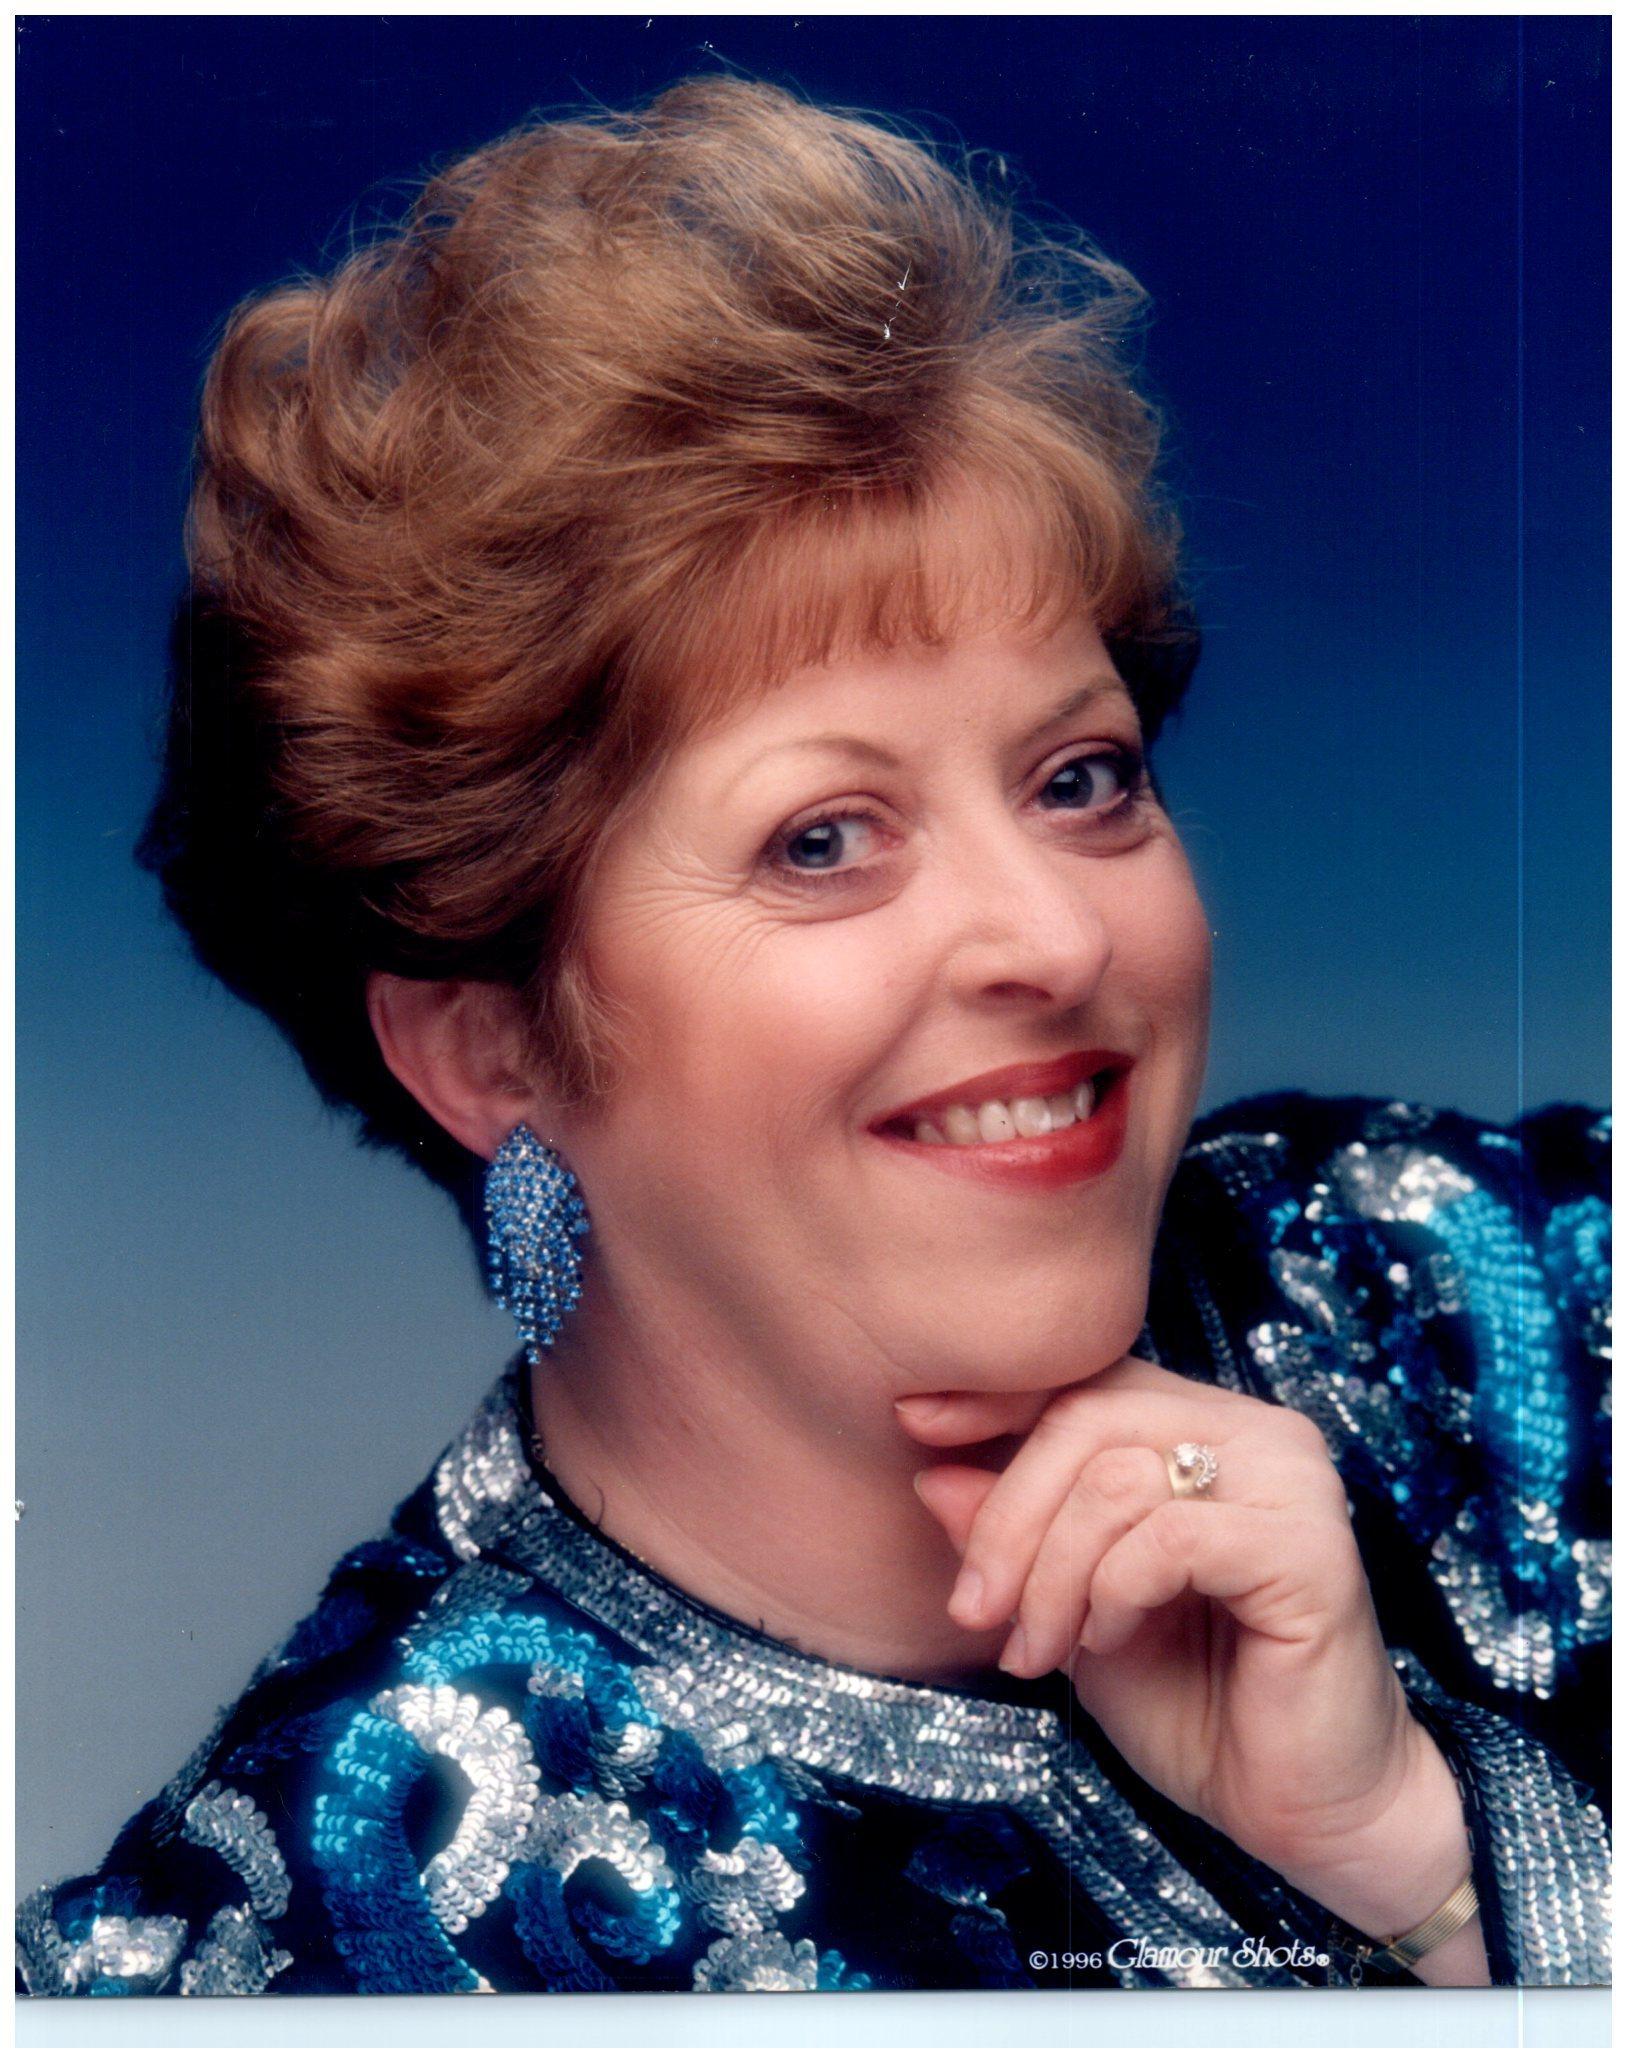 Margaret Ann Singleton